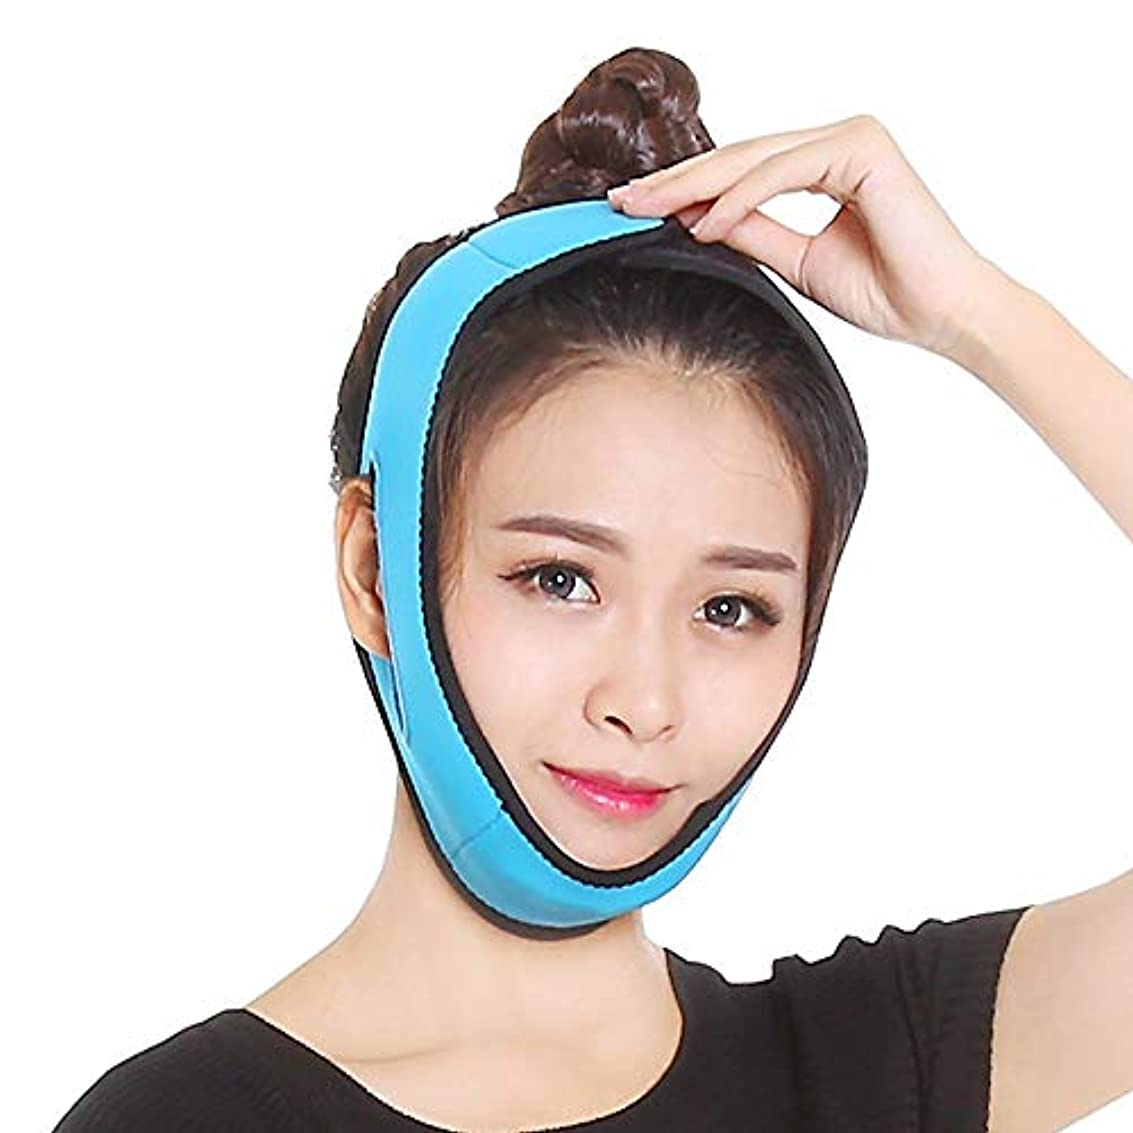 滑るシロクマ養うフェイシャルリフティングスリミングベルト - 薄いフェイス包帯二重あごデバイス無料フェイシャルマッサージ整形マスクを引き締める顔と首の顔スリム